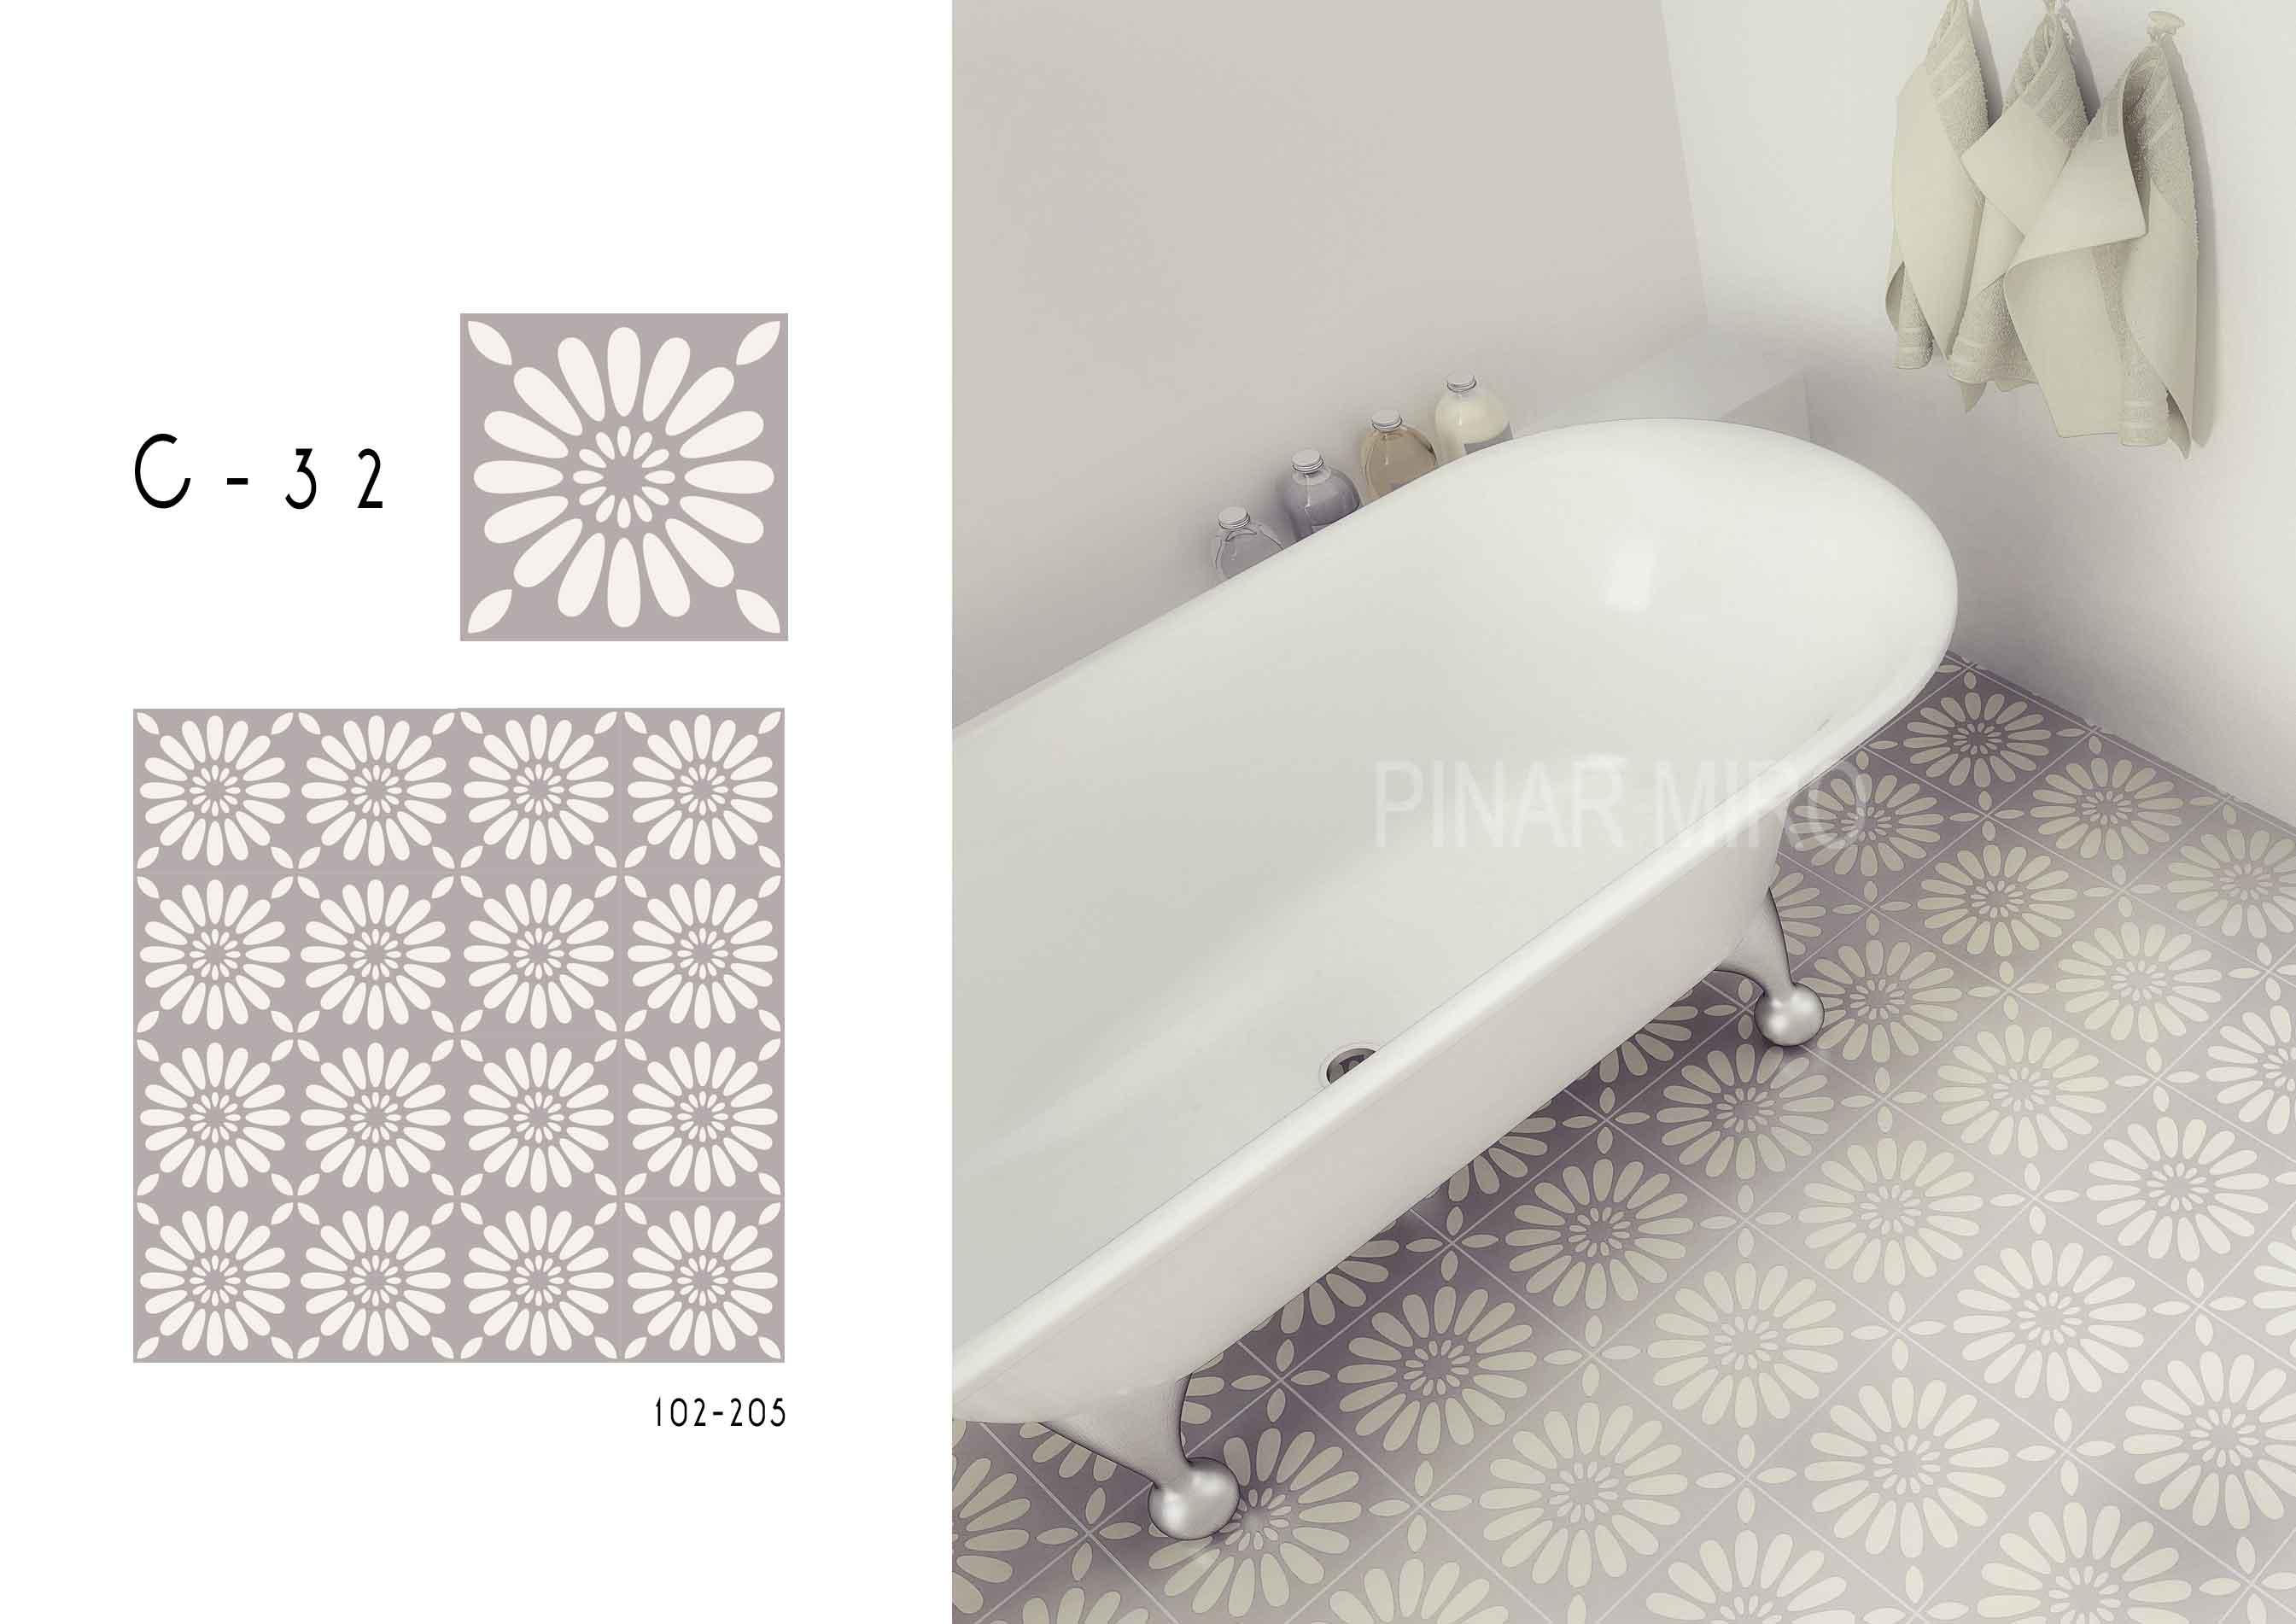 2-c032-pinar-miro-cement-tiles